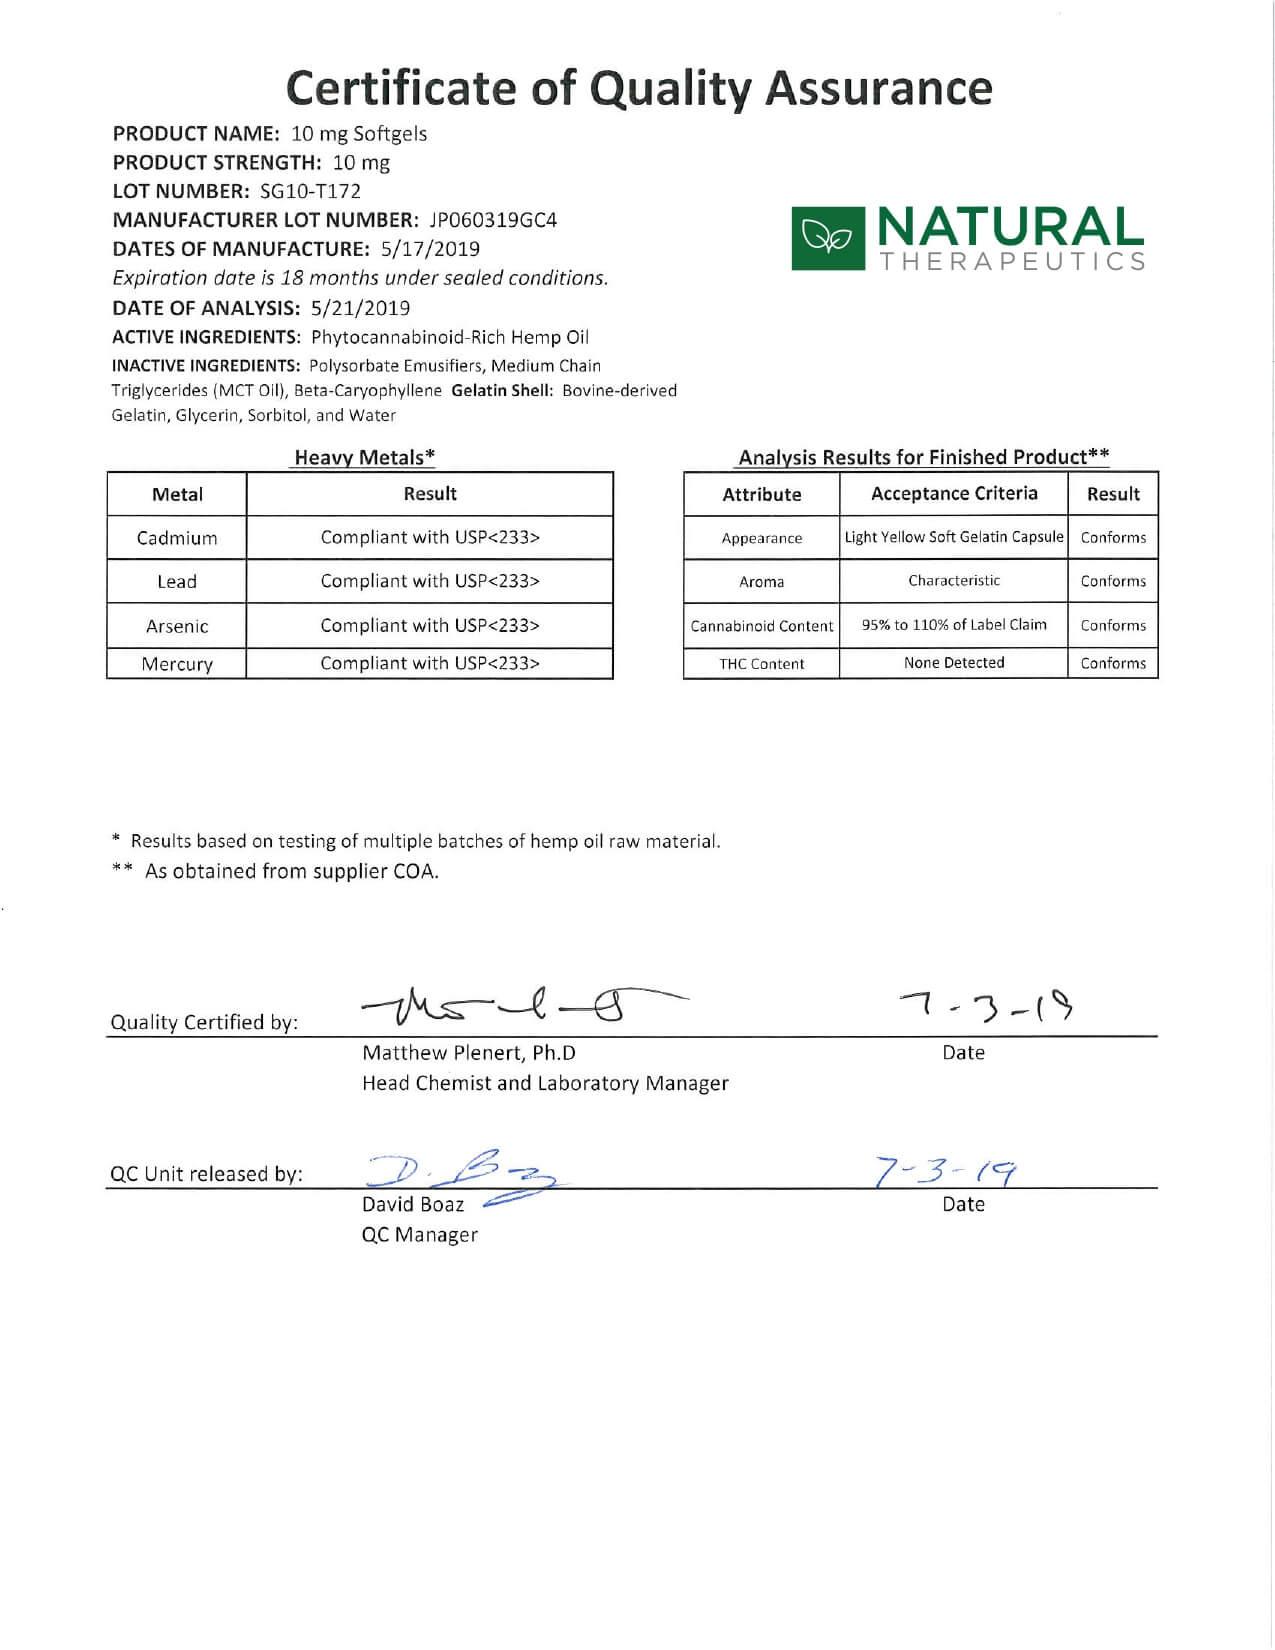 Natural Therapeutics CBD Soft Gel Caps Focus Lab Report